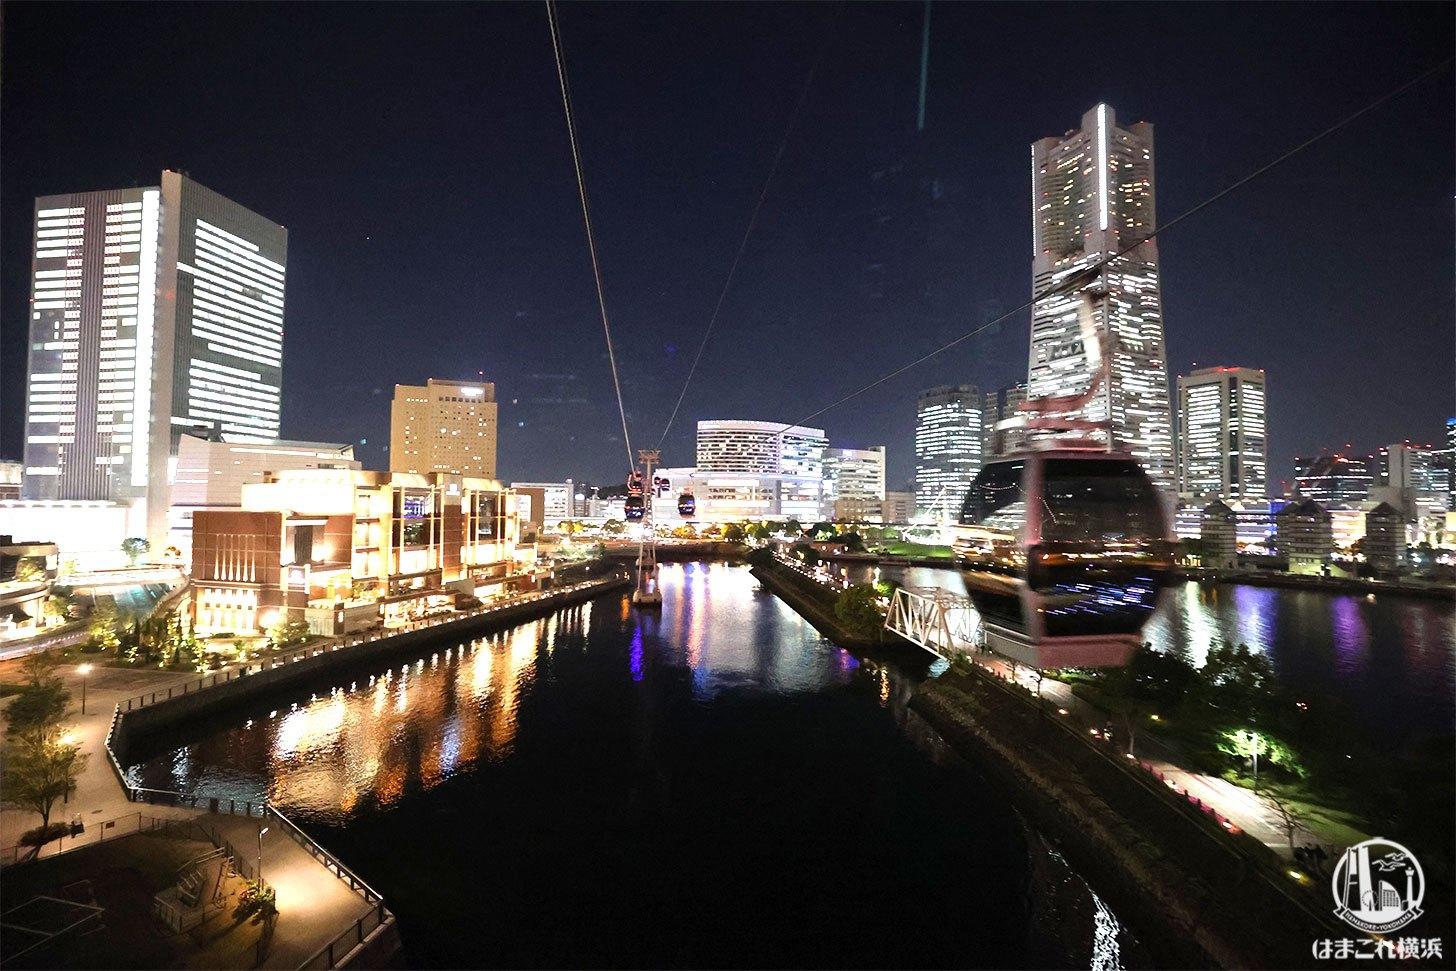 """横浜ロープウェイ""""エアキャビン""""夜は別世界!みなとみらいの新たな夜景スポット"""